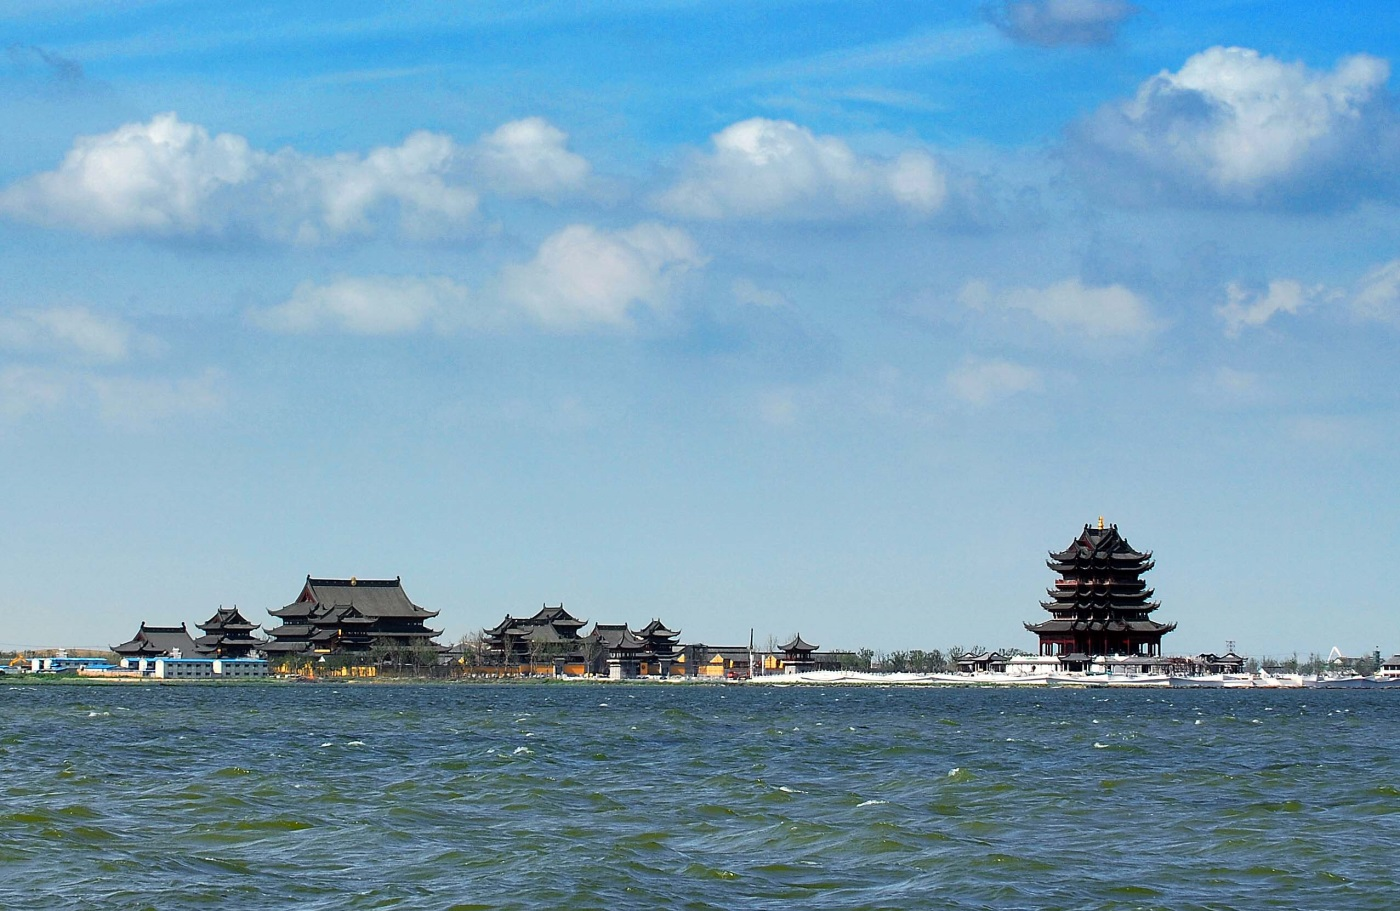 Guanyin Del Templo Chongyuan Megaconstrucciones Extreme